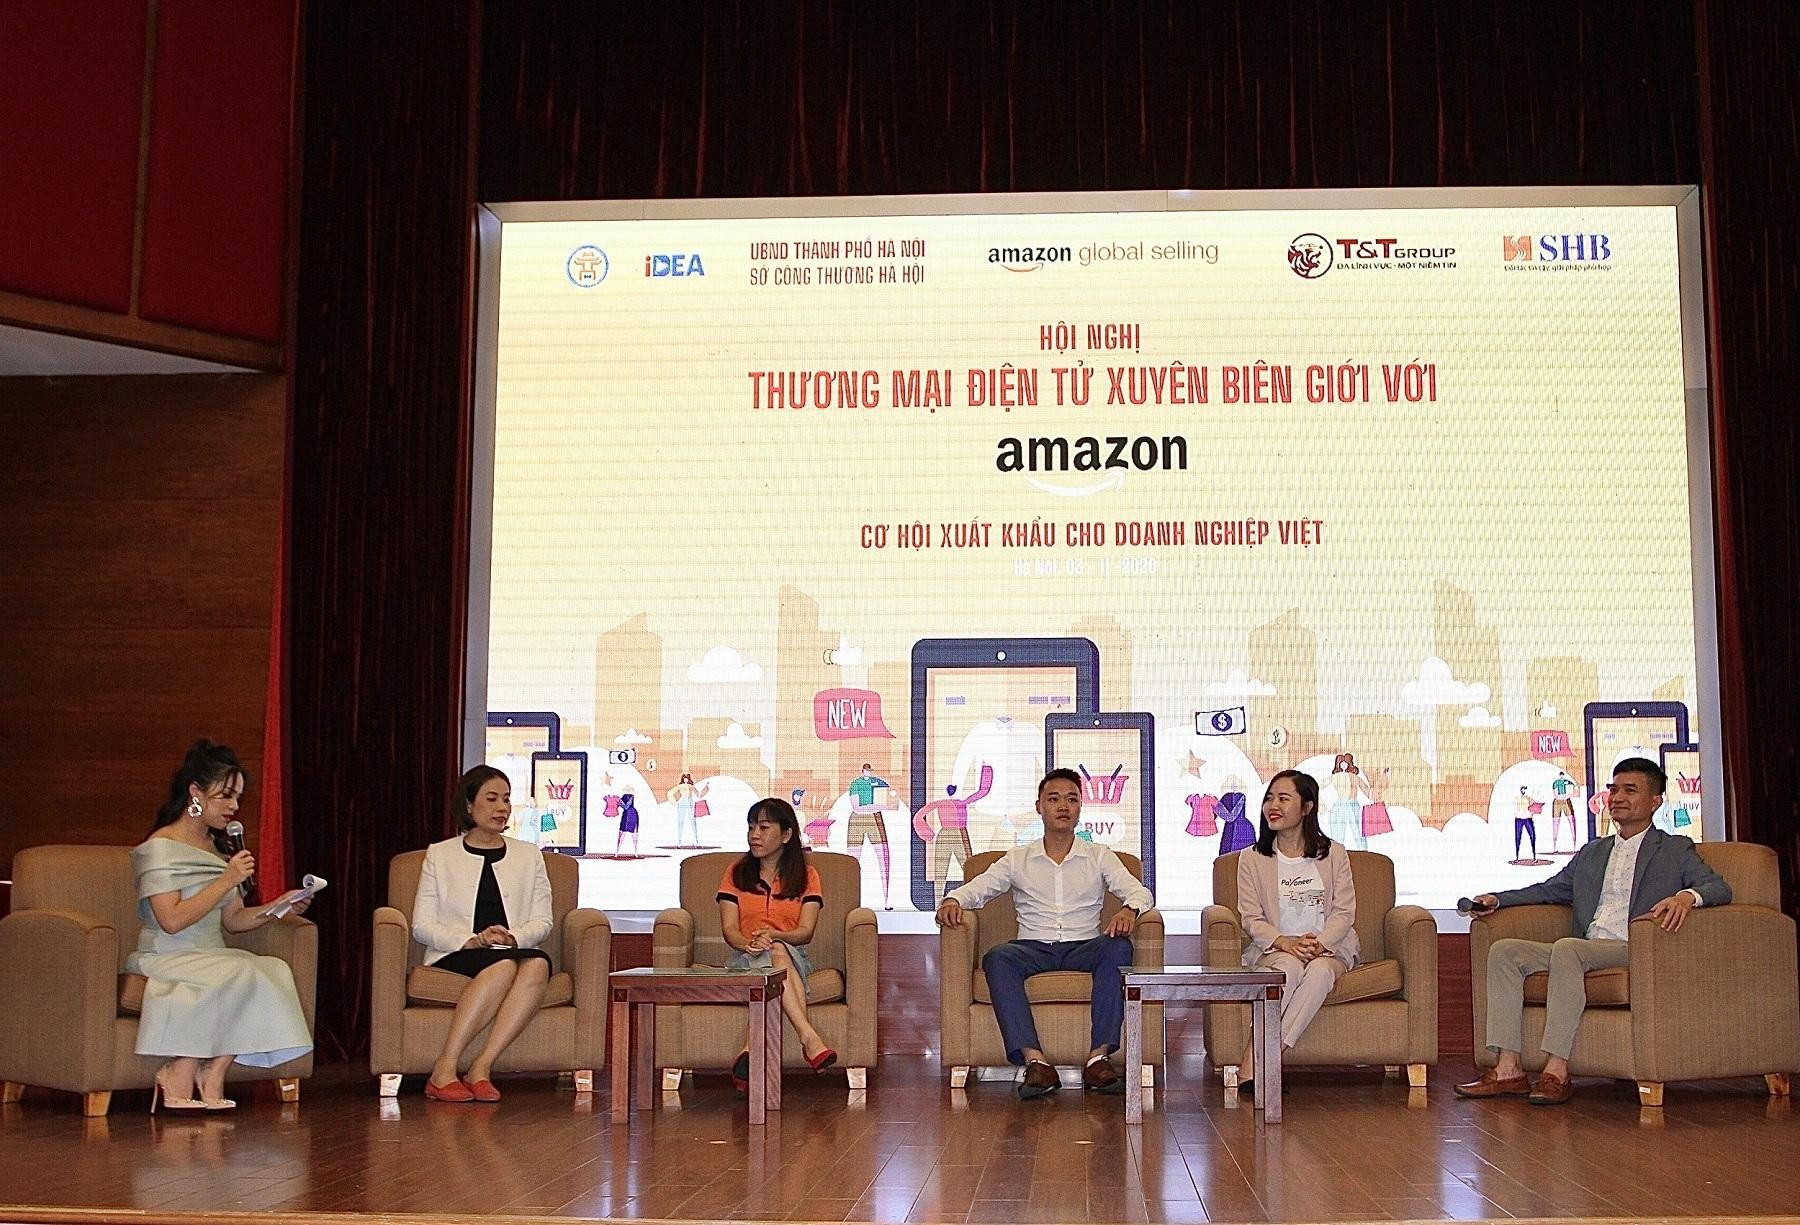 """T&T Group, SHB hợp tác với Amazon: """"Cú hích"""" thúc đẩy thương mại điện tử Việt Nam"""